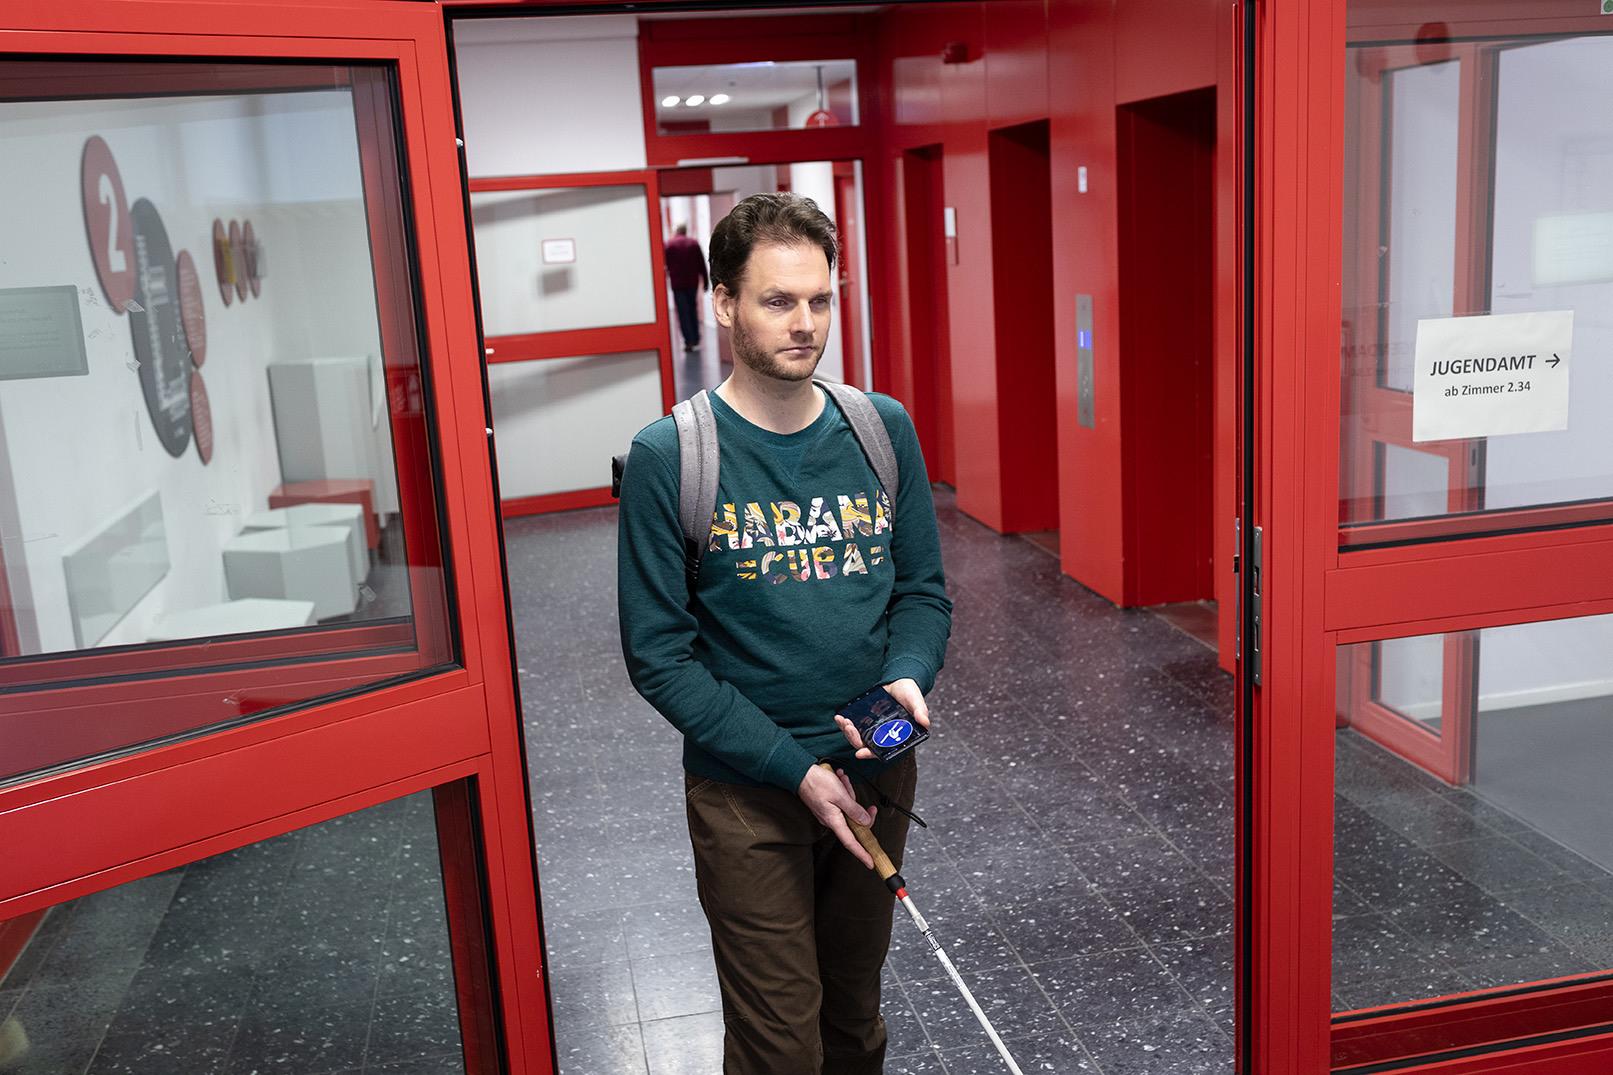 Die App navigiert beispielsweise Sehbehinderte in Gebäuden mittels akustischer Informationen zu ihrem Ziel.